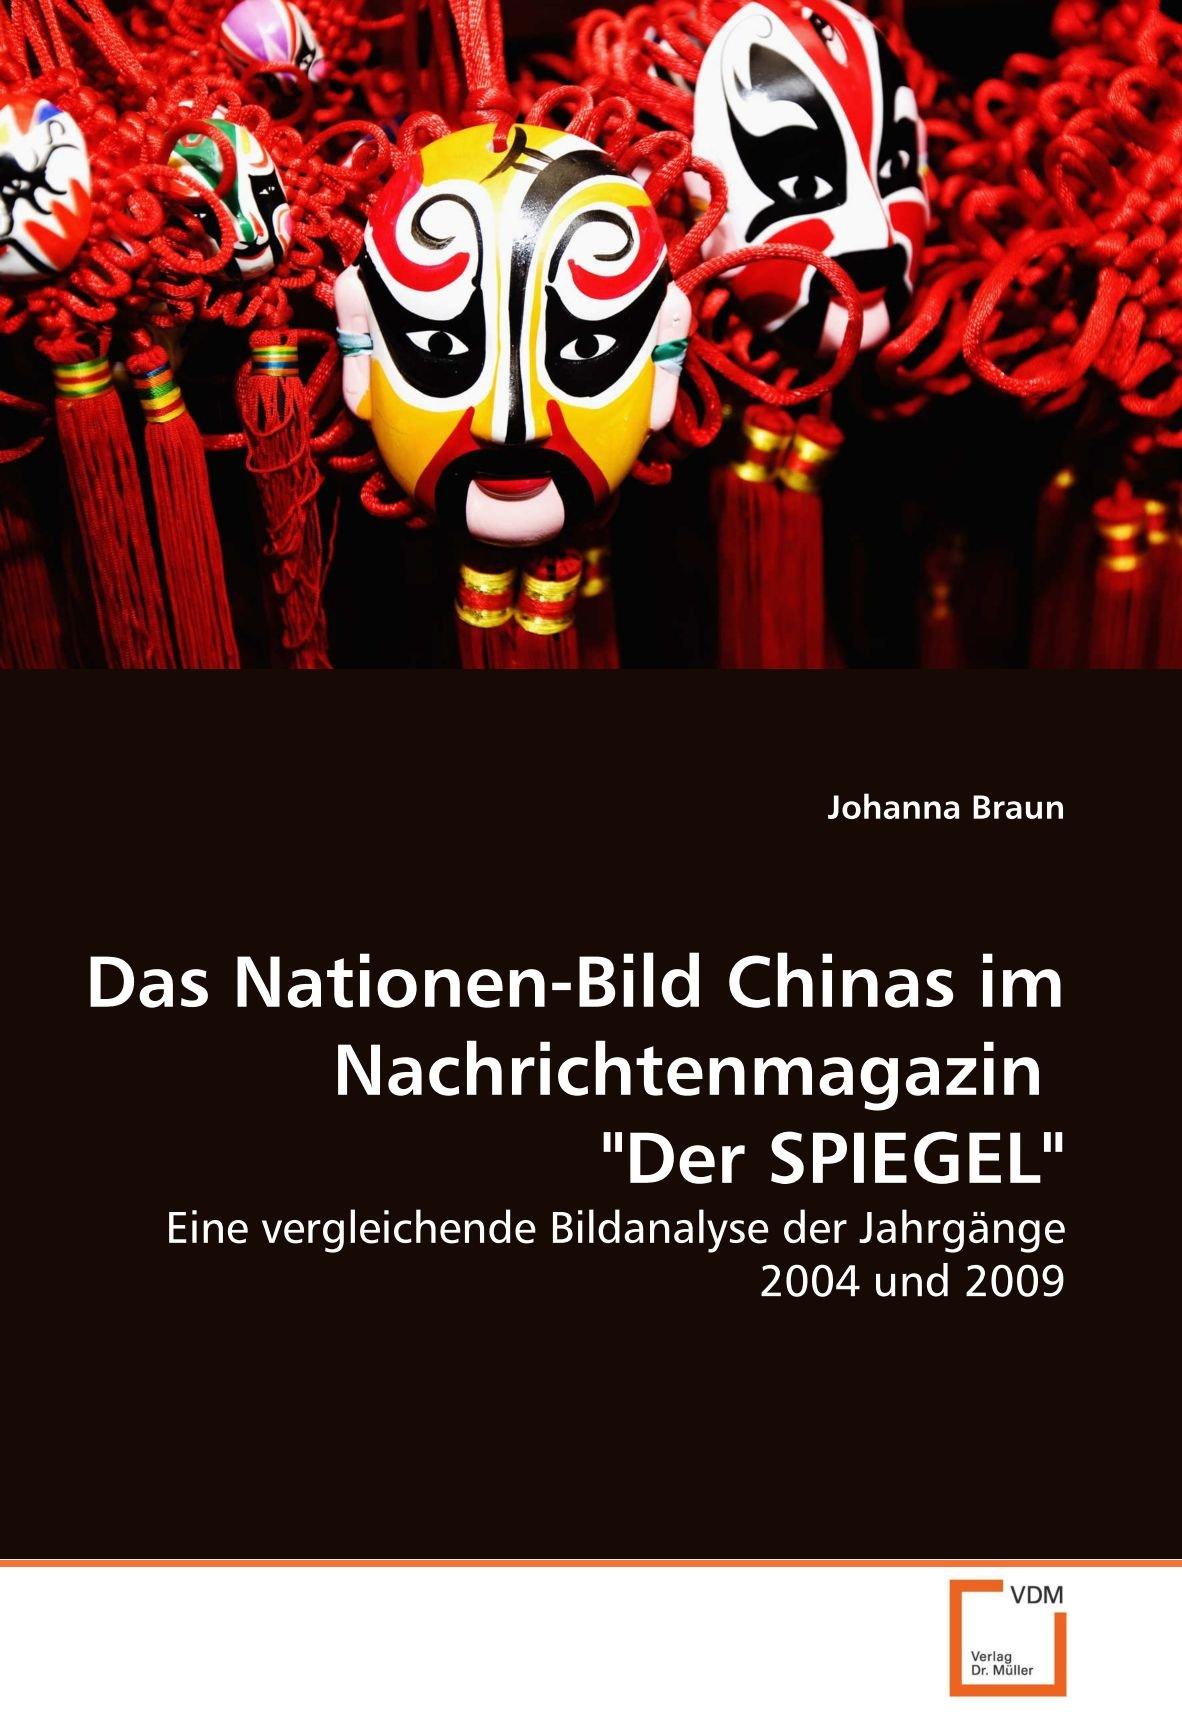 Das Nationen-Bild Chinas im Nachrichtenmagazin Der SPIEGEL: Eine vergleichende Bildanalyse der Jahrgänge 2004 und 2009